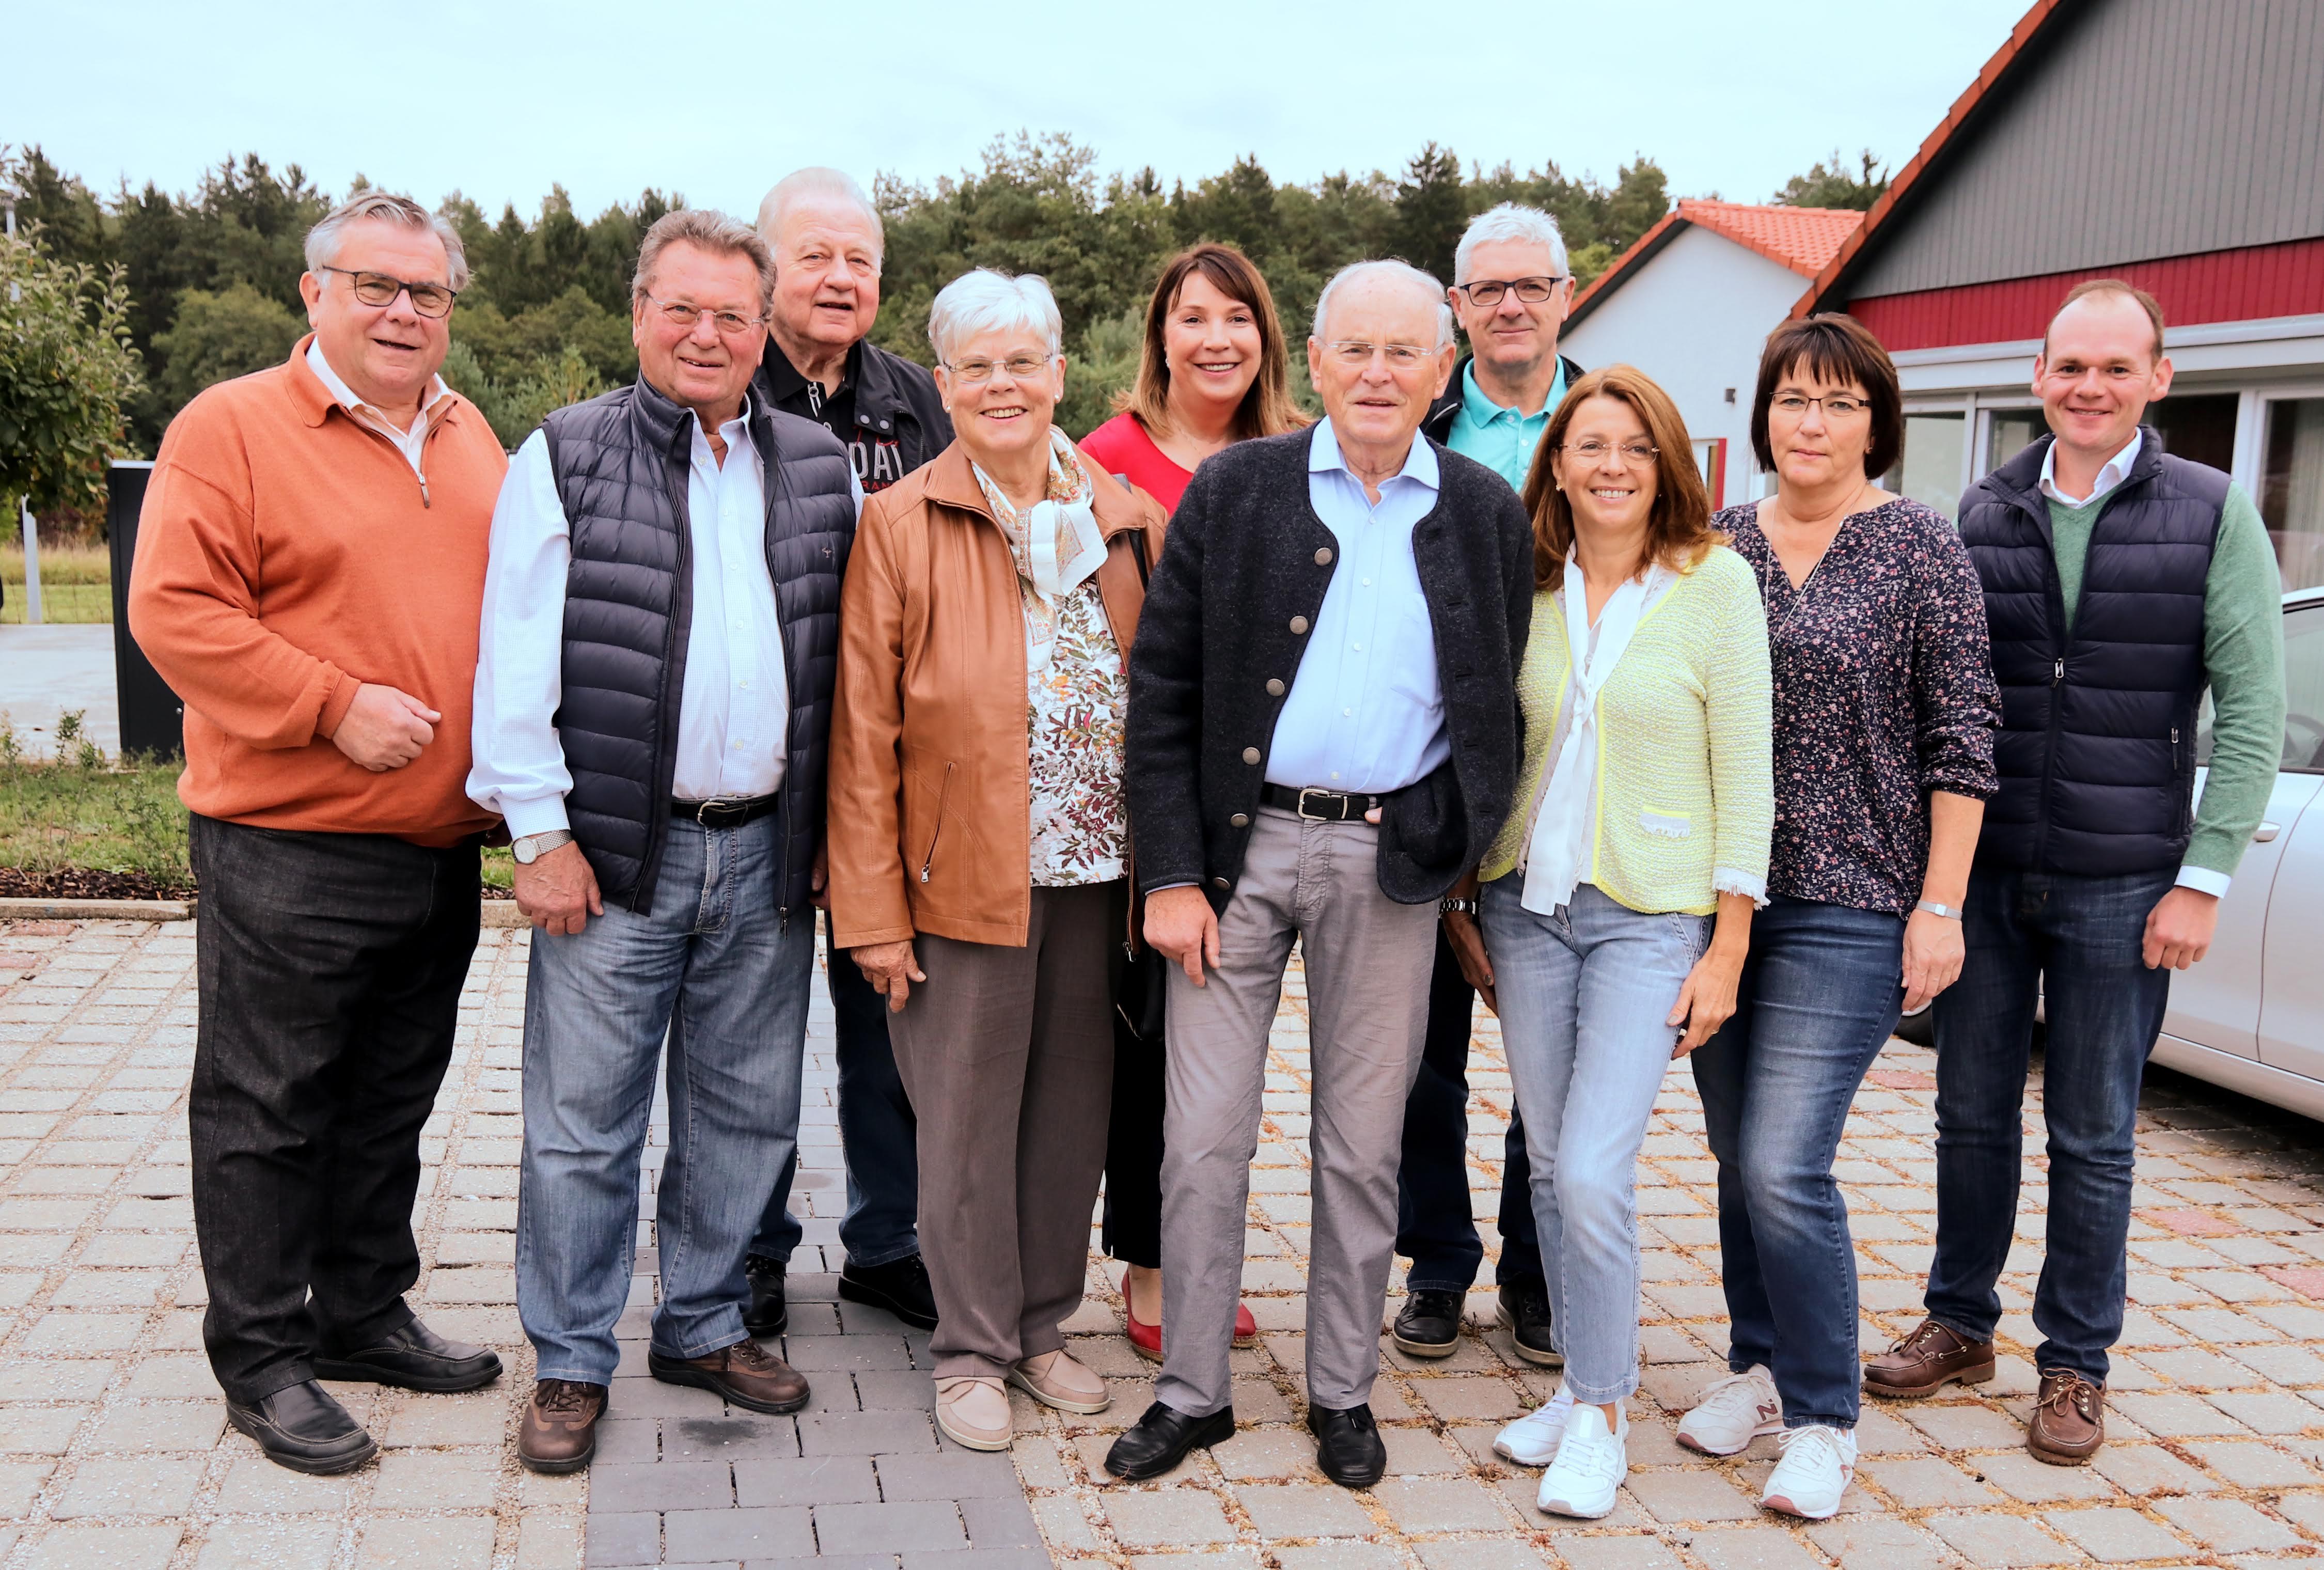 Archivbild mit Mitgliedern des ehrenamtlichen Lebenshilfe-Vorstands: Happy Birthday, lieber Jubilar Günther Steinbauer (3. vl)